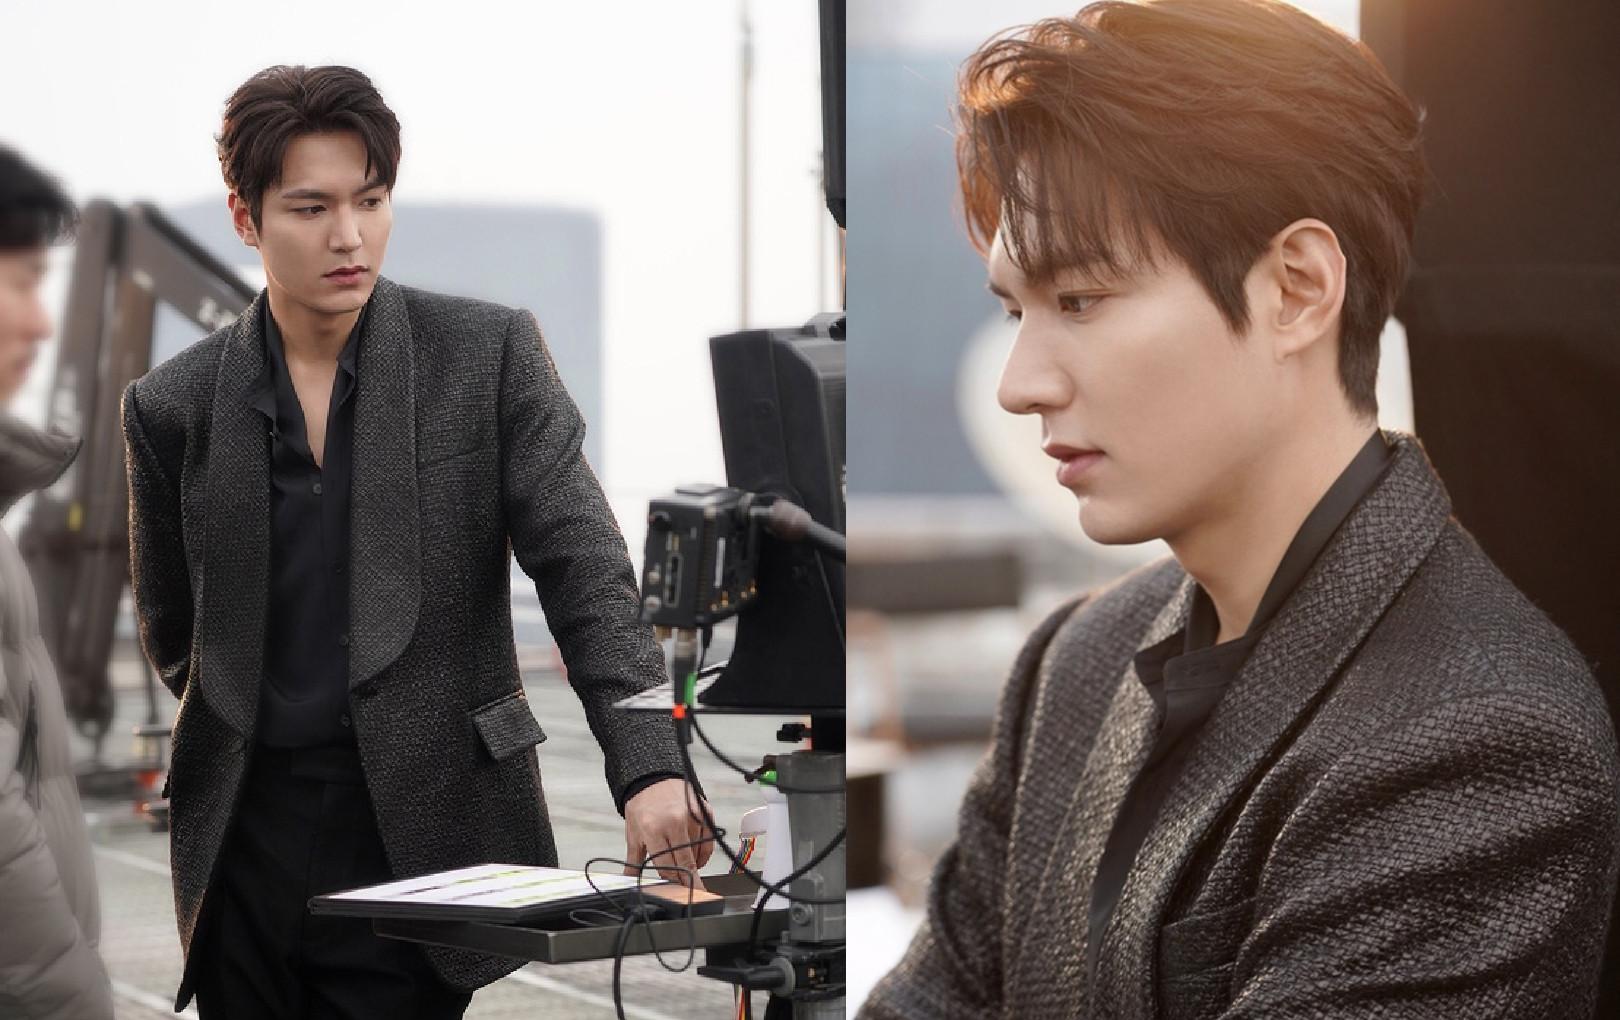 """Điên đảo với góc nghiêng cực phẩm của Lee Min Ho trong hậu trường phim mới """"mẹ đẻ"""" Hậu duệ mặt trời"""